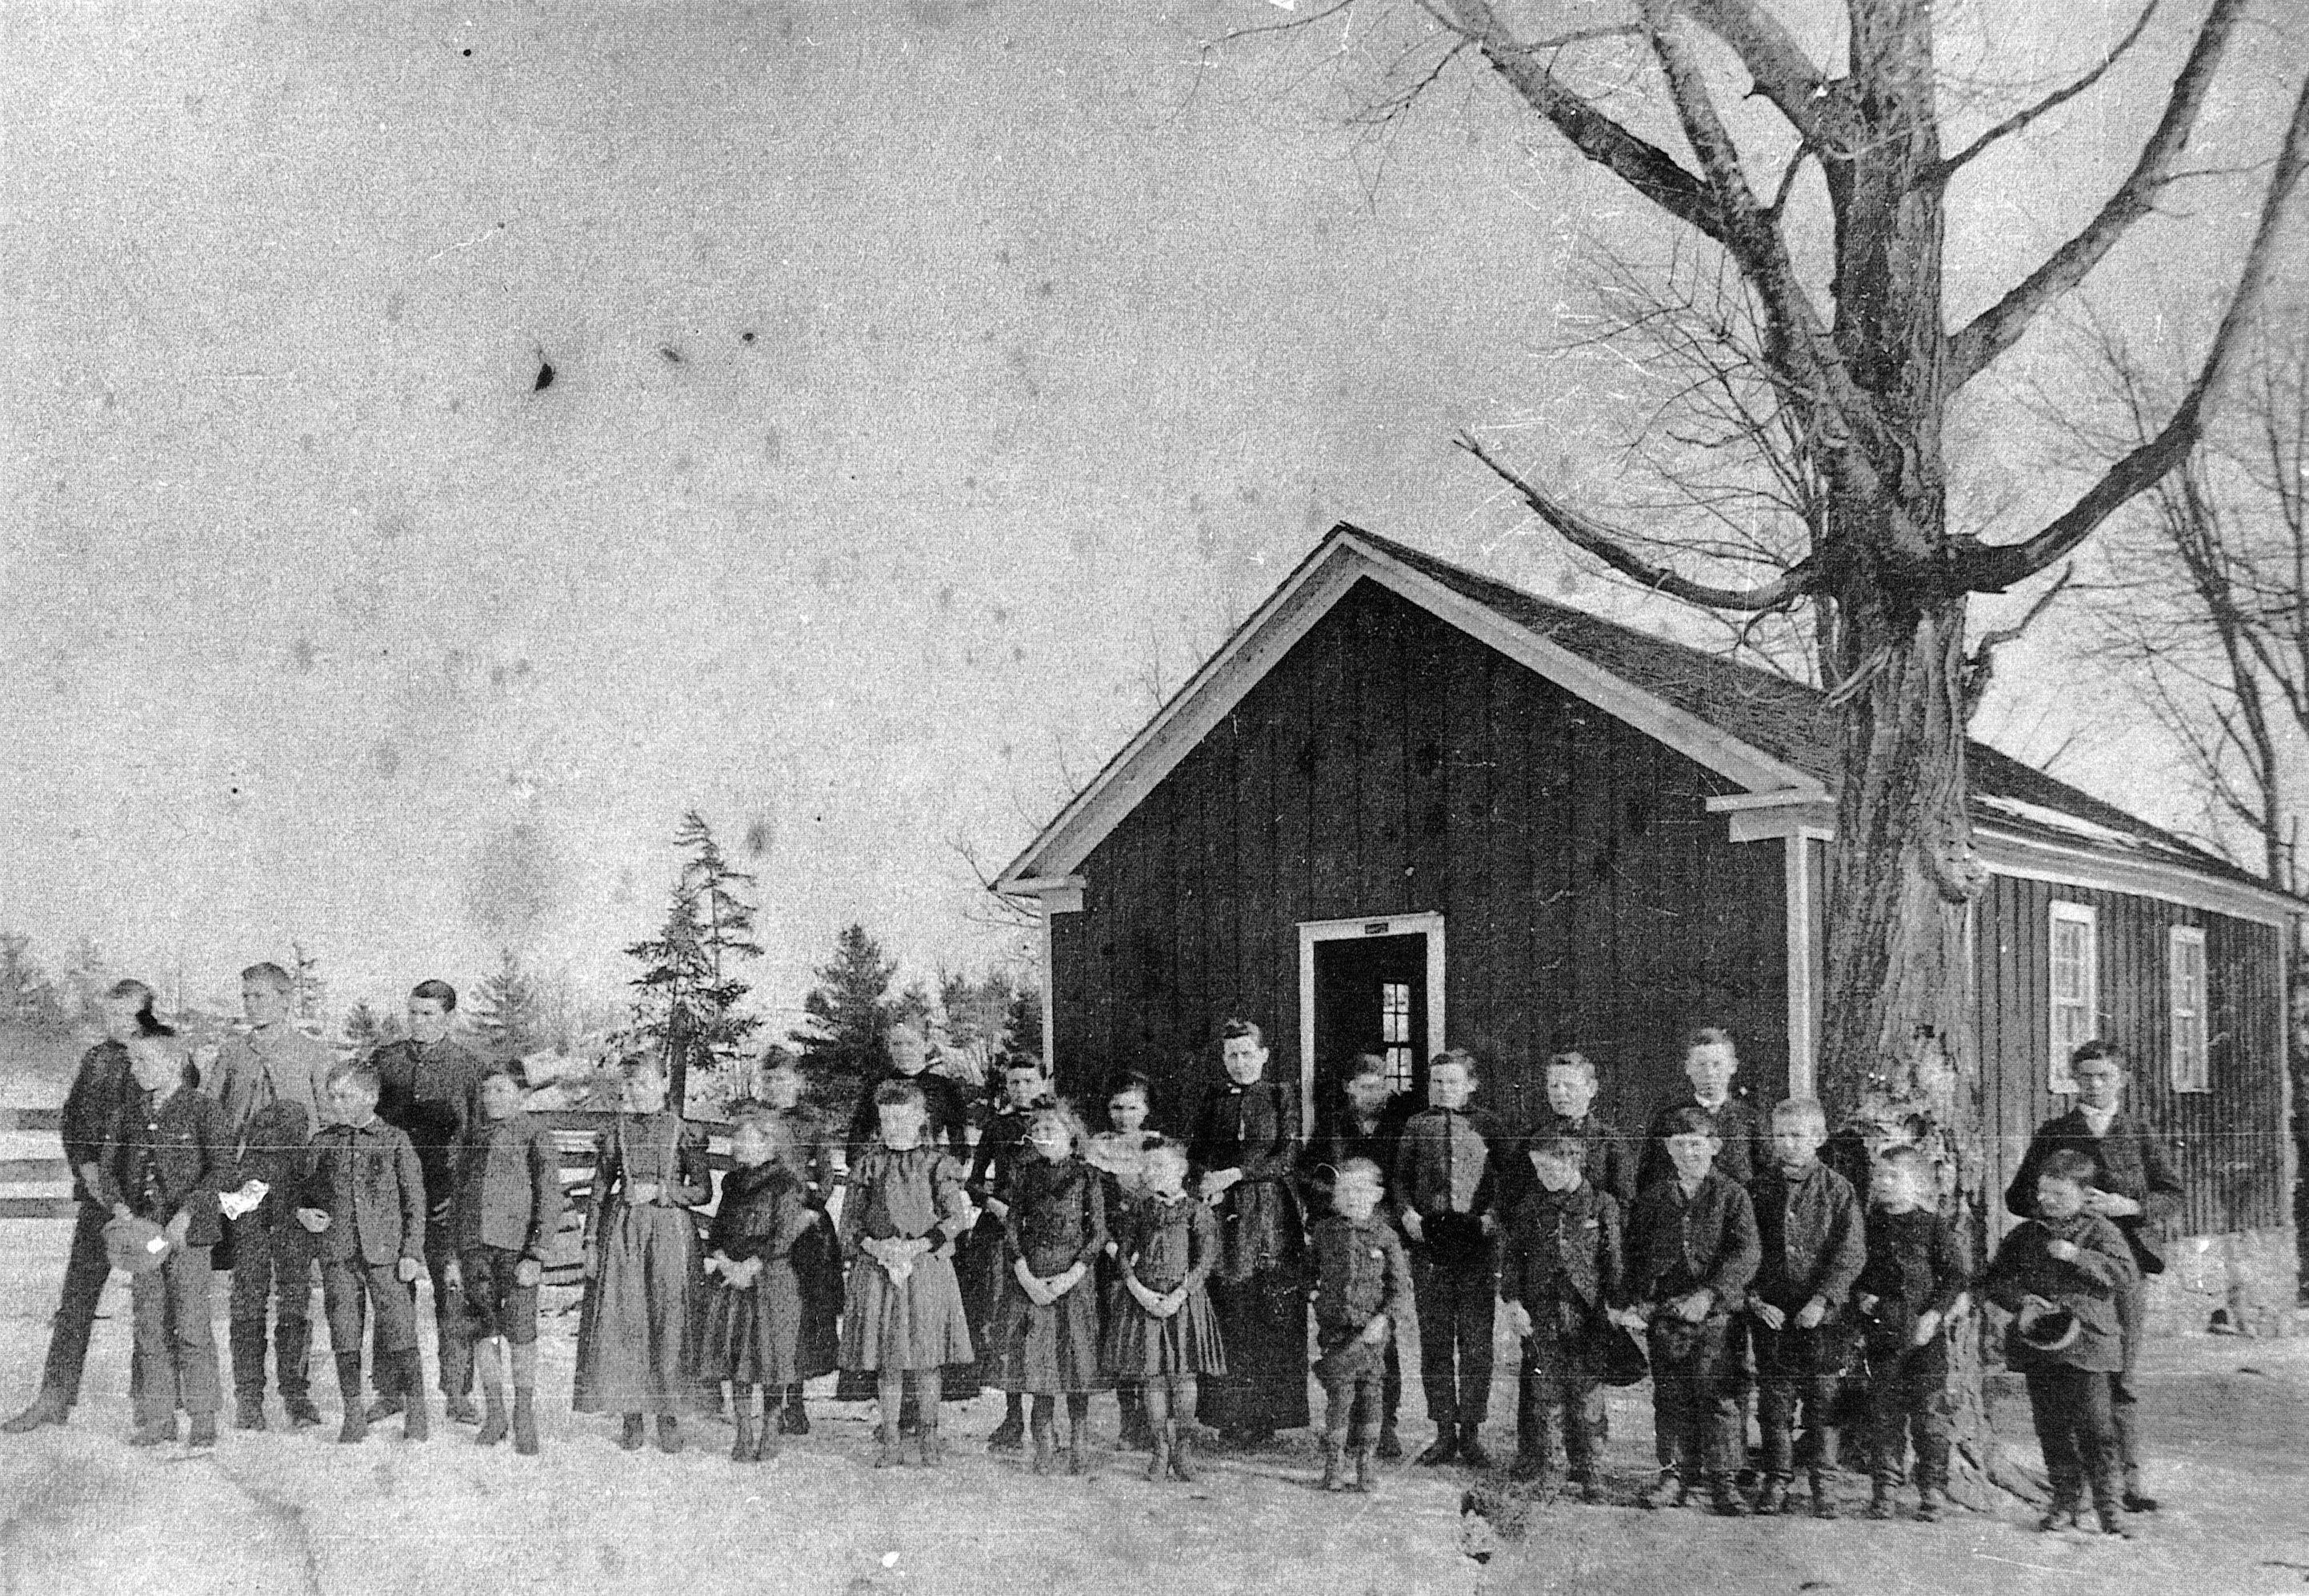 One room schoolhouse in Leeds, Ontario, 1881. Leeds